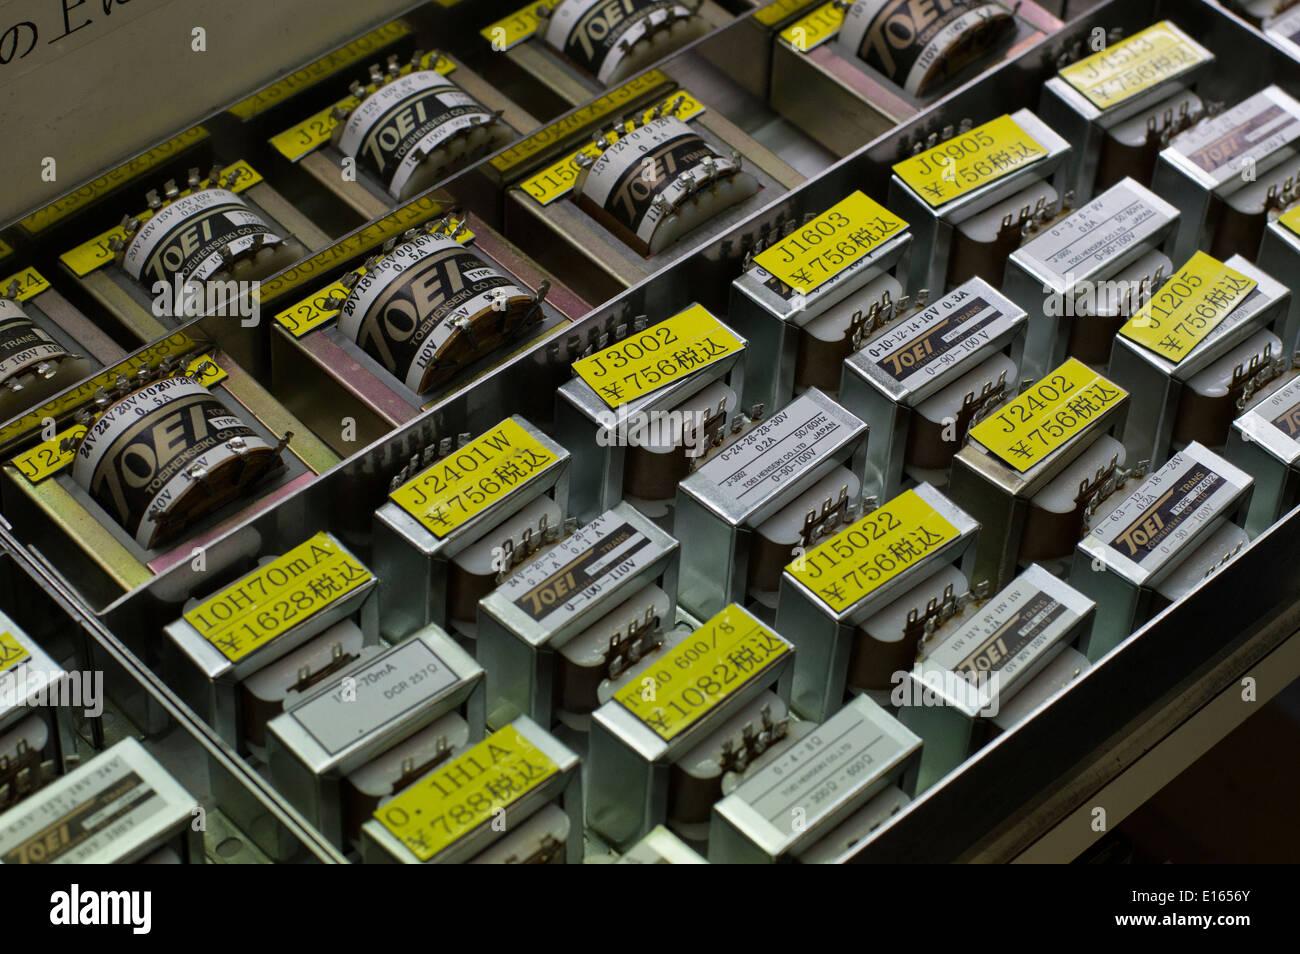 Circuito Japon : Circuitos electrónicos y componentes en venta en akihabara